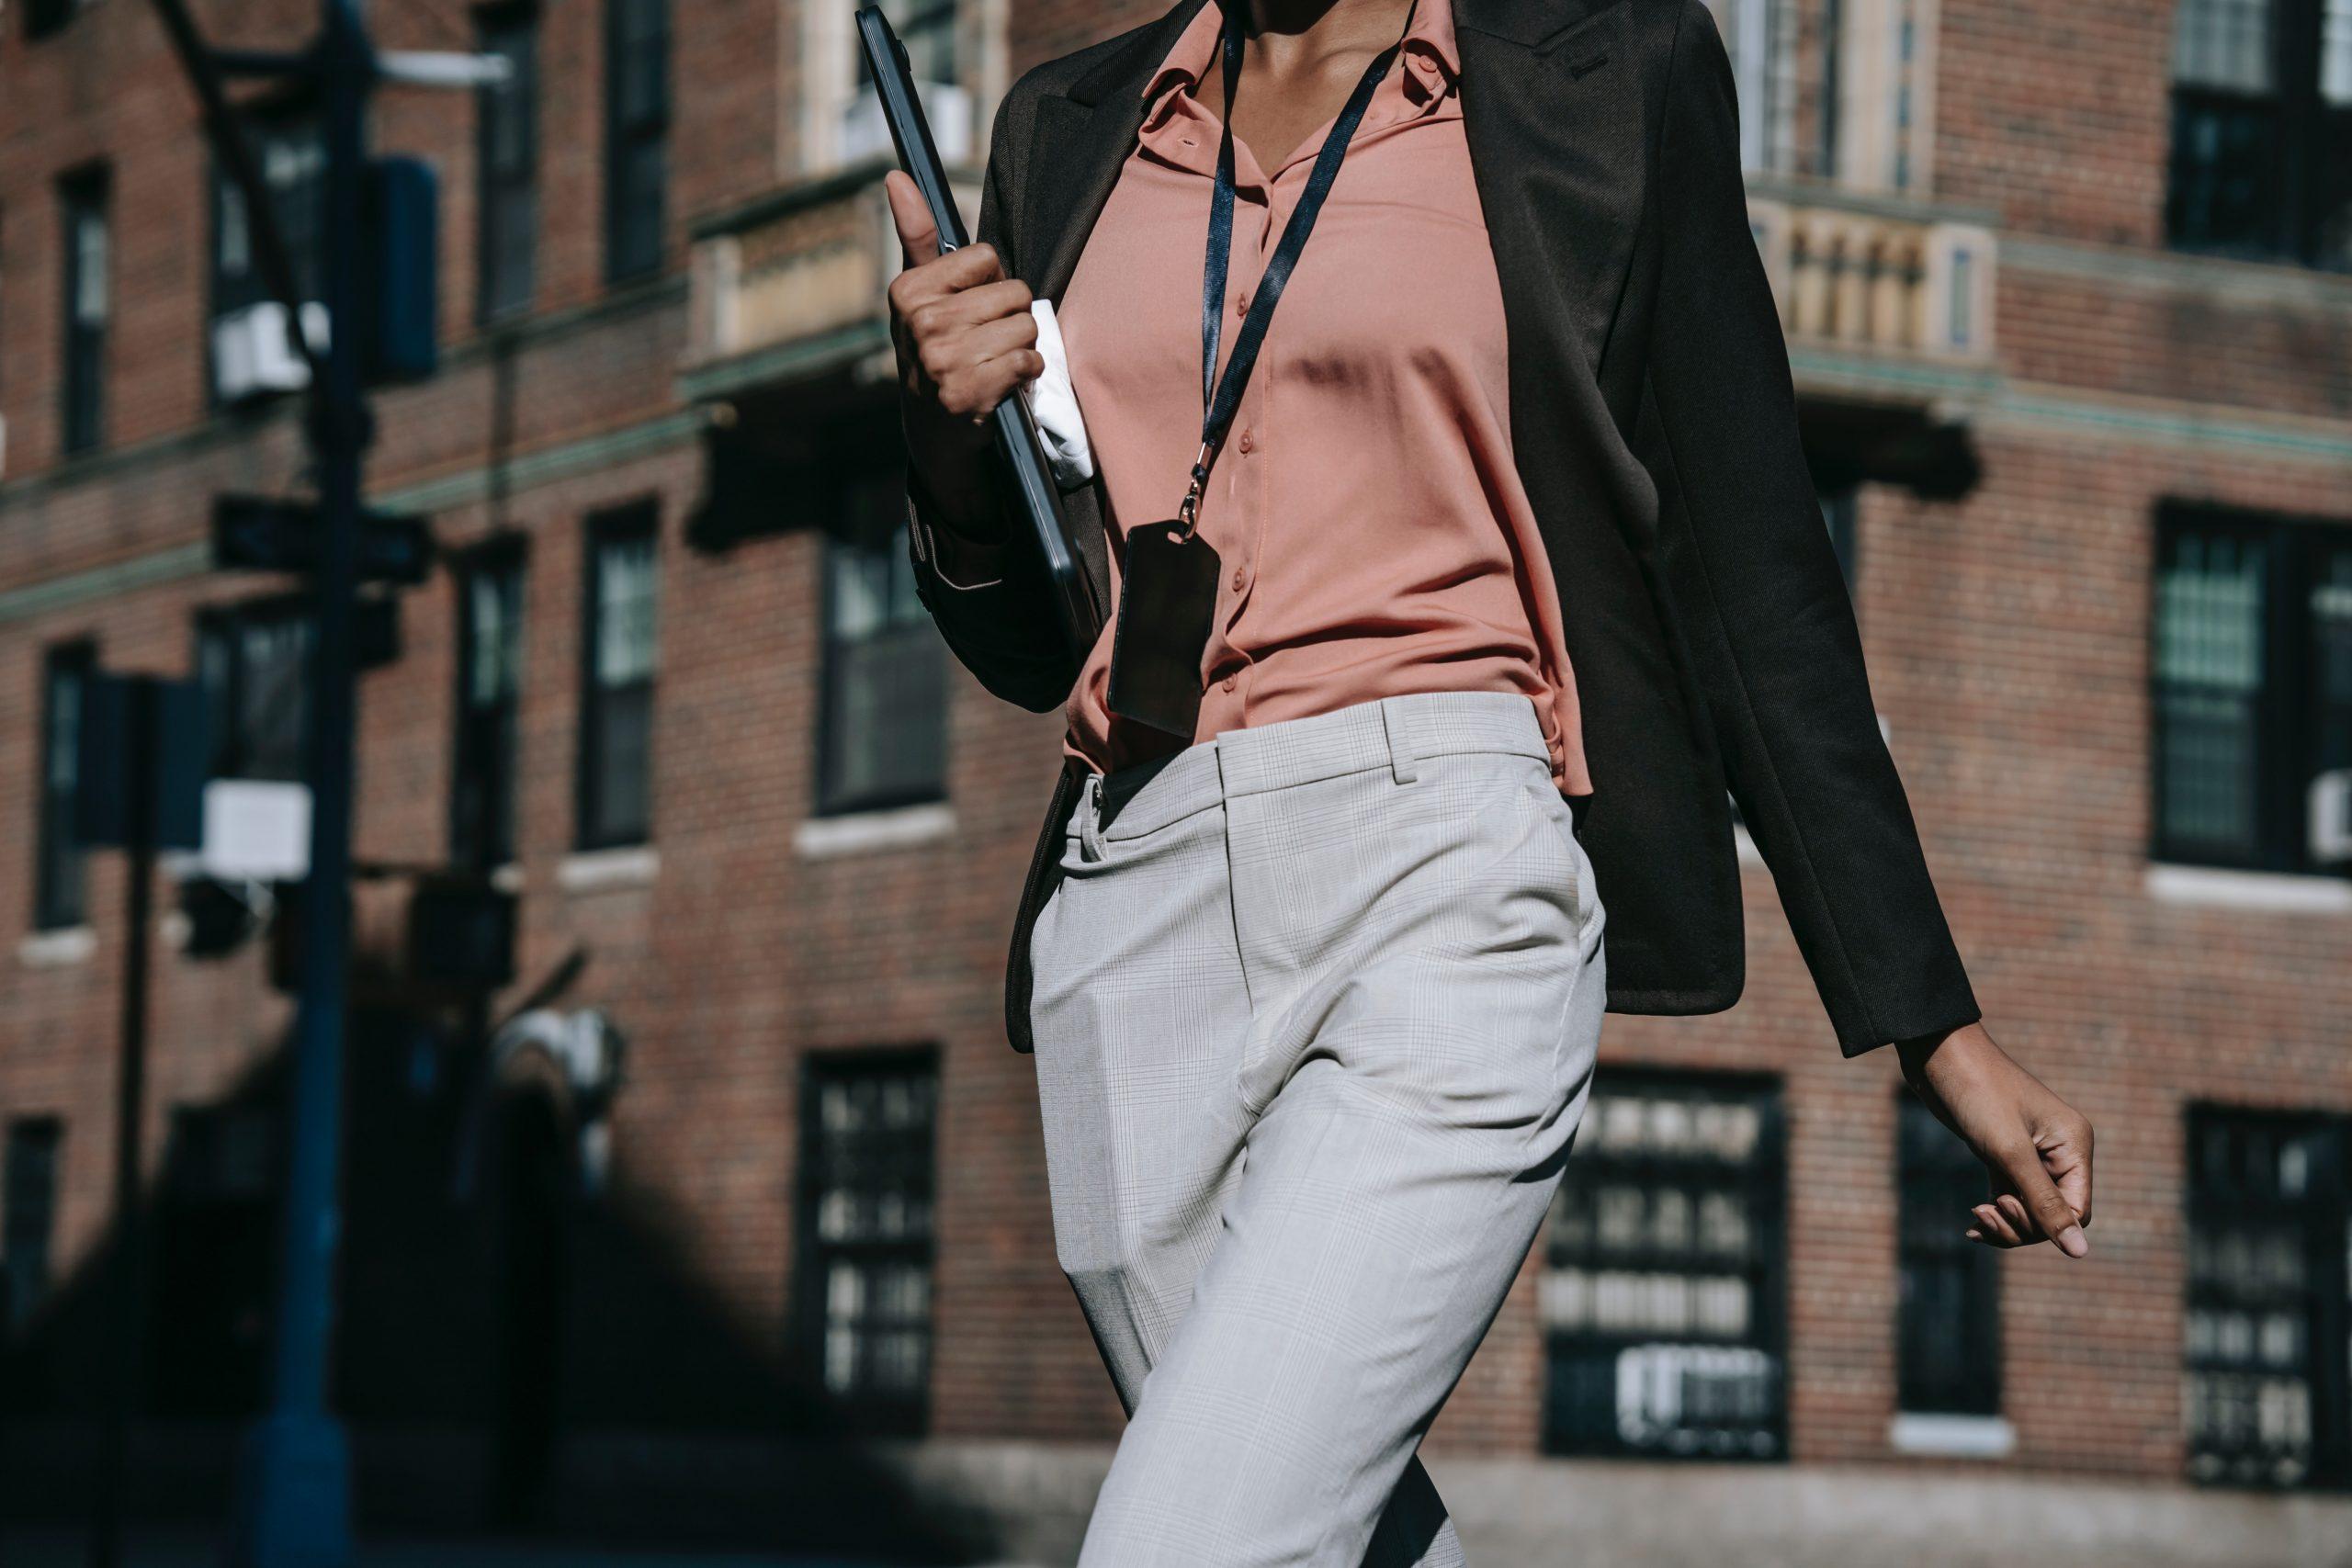 RDStationvai abrir mais de 200 vagas em 2021